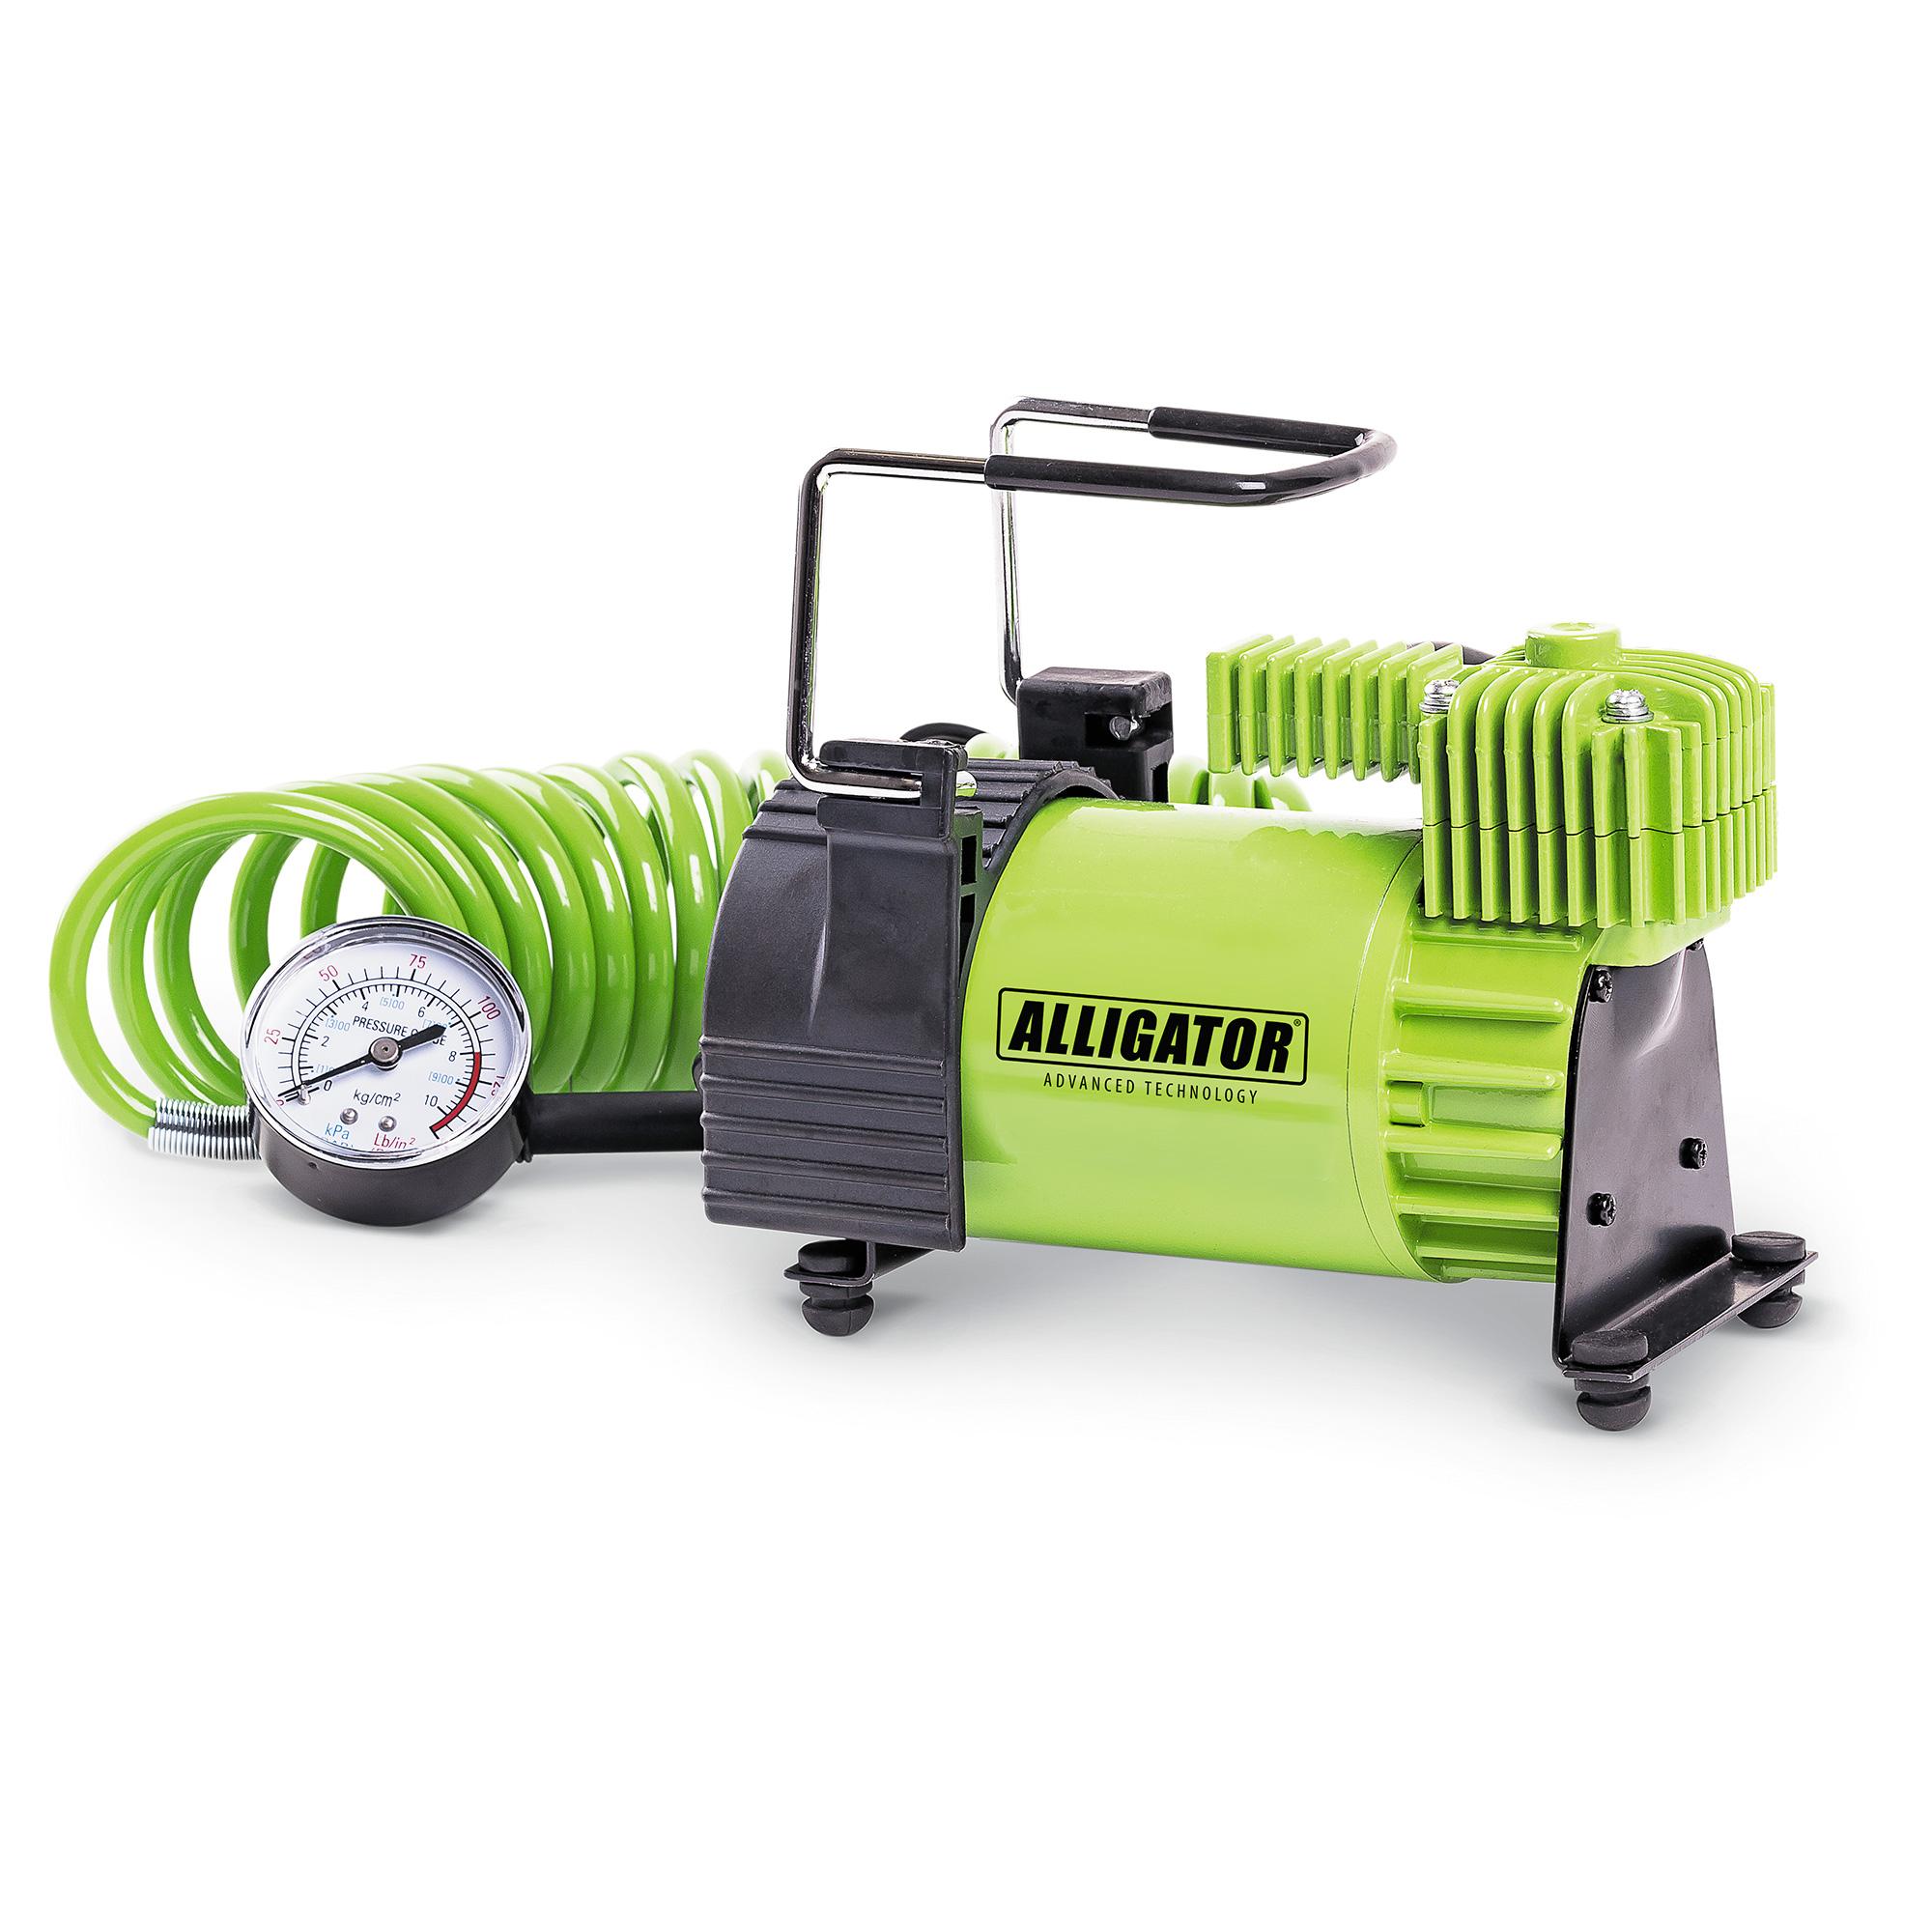 Компрессор автомобильный Аллигатор AL-400 автомобильный компрессор аллигатор al 350